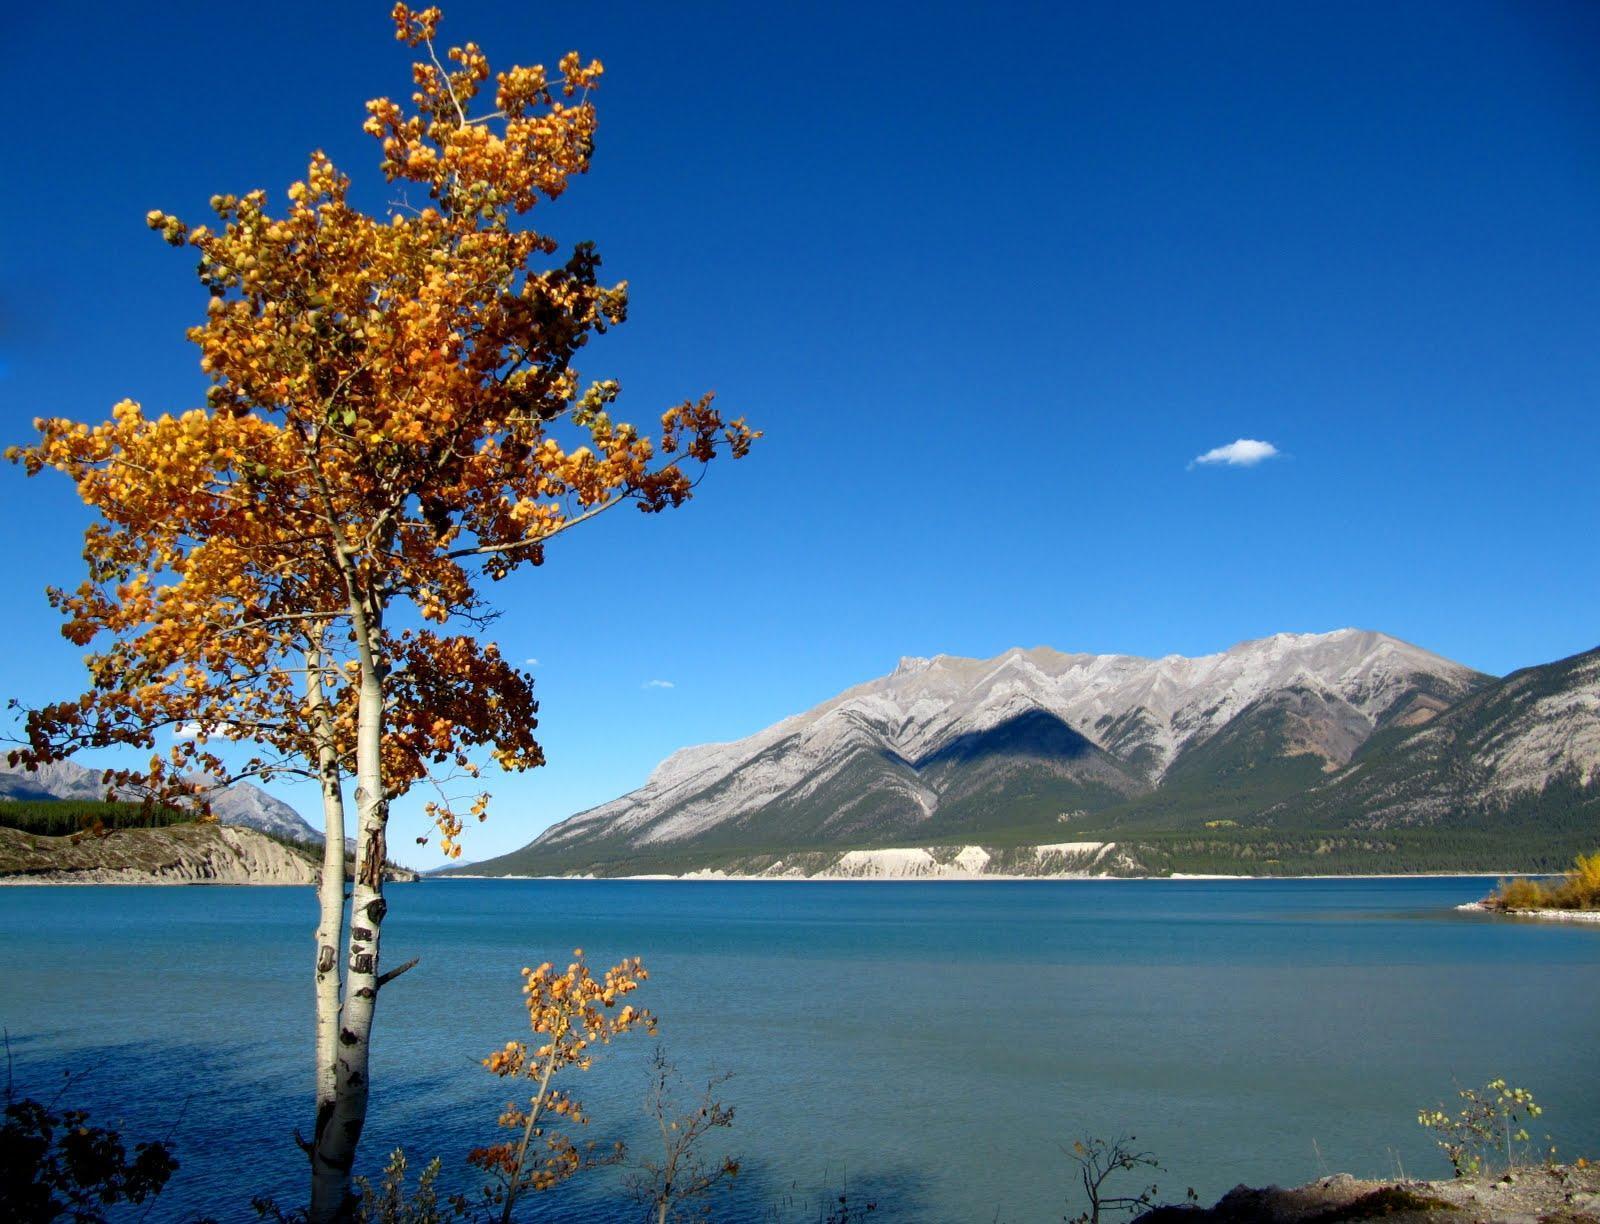 最具拍摄价值的湖泊:地处两大着名景区内,因太凶险被排除